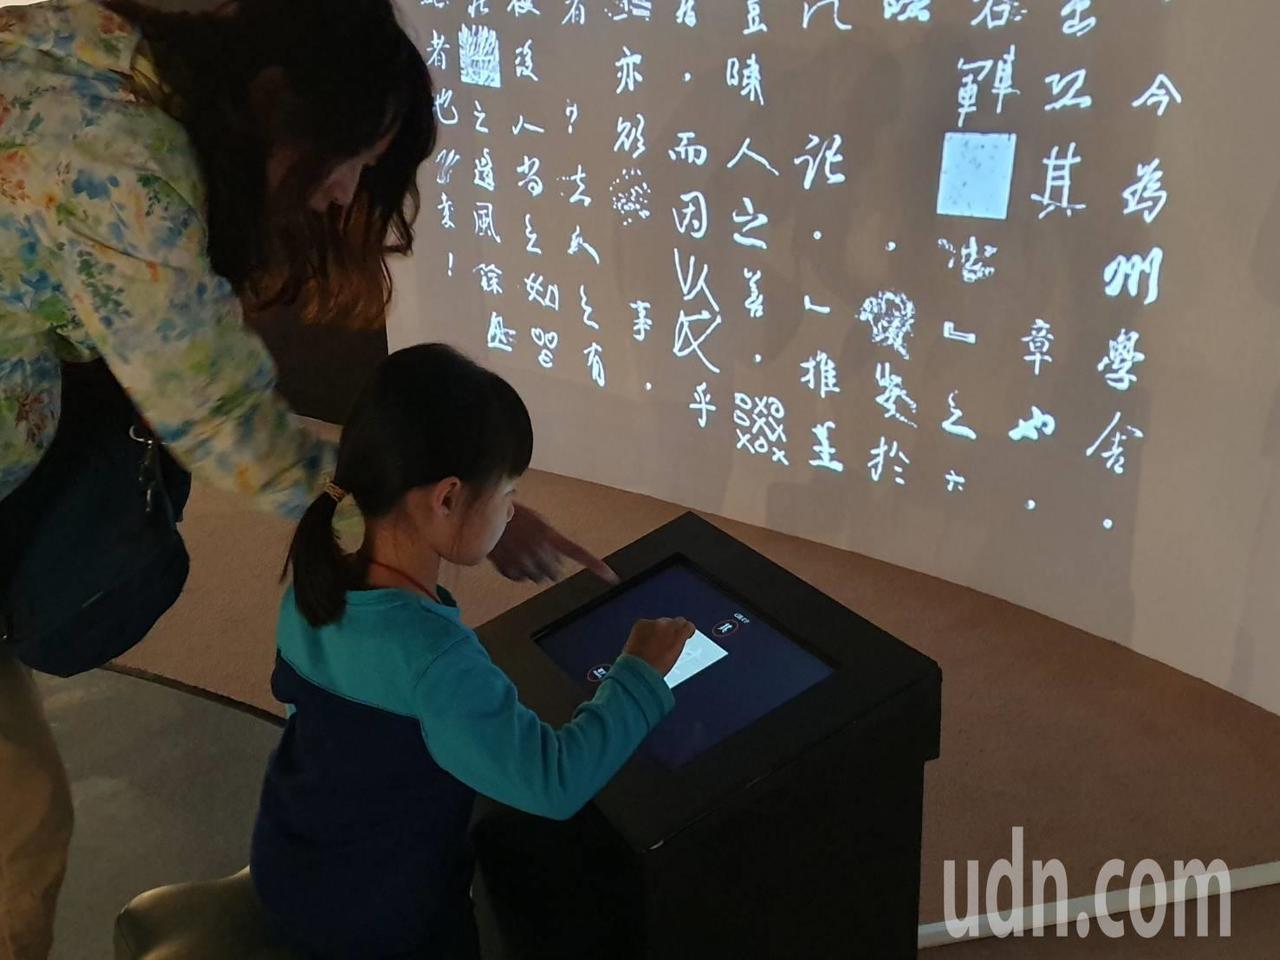 香港新媒體藝術家張瀚謙帶來書藝創作《封筆-墨池記》,作品結合科技,讓參觀者能自行...